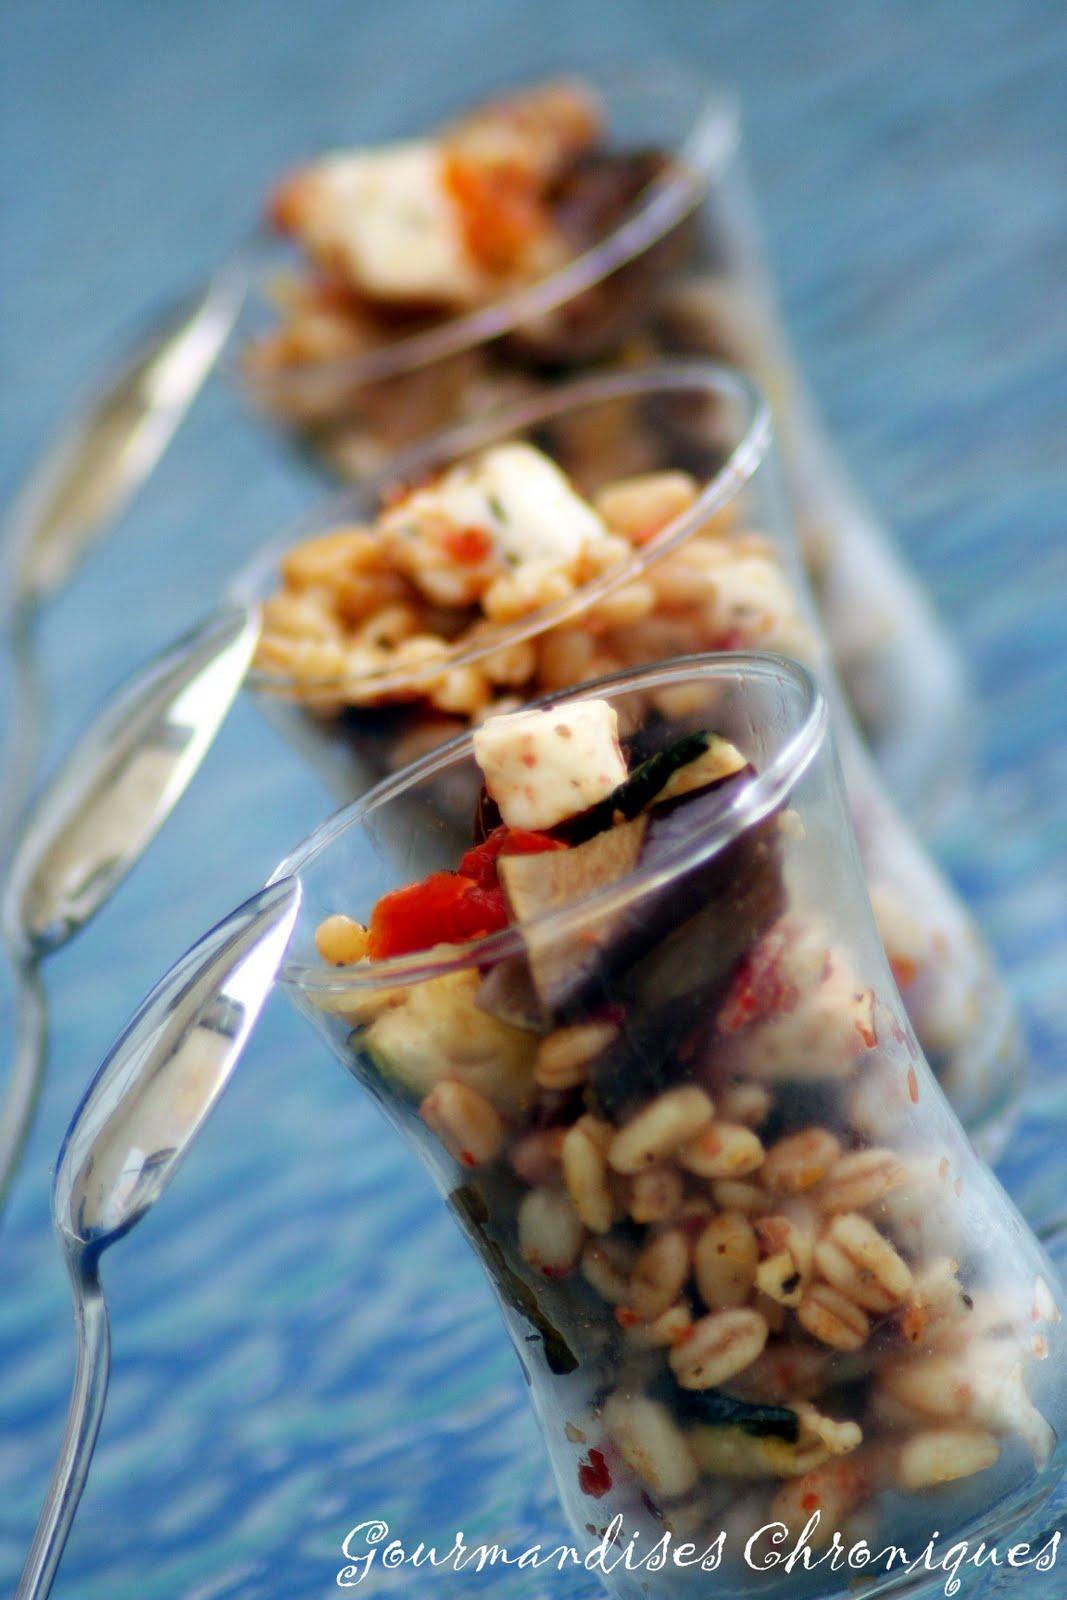 Gourmandises chroniques let z ebly salade printemps et 2010 ou quand le maki prend le - Quand repiquer les salades ...